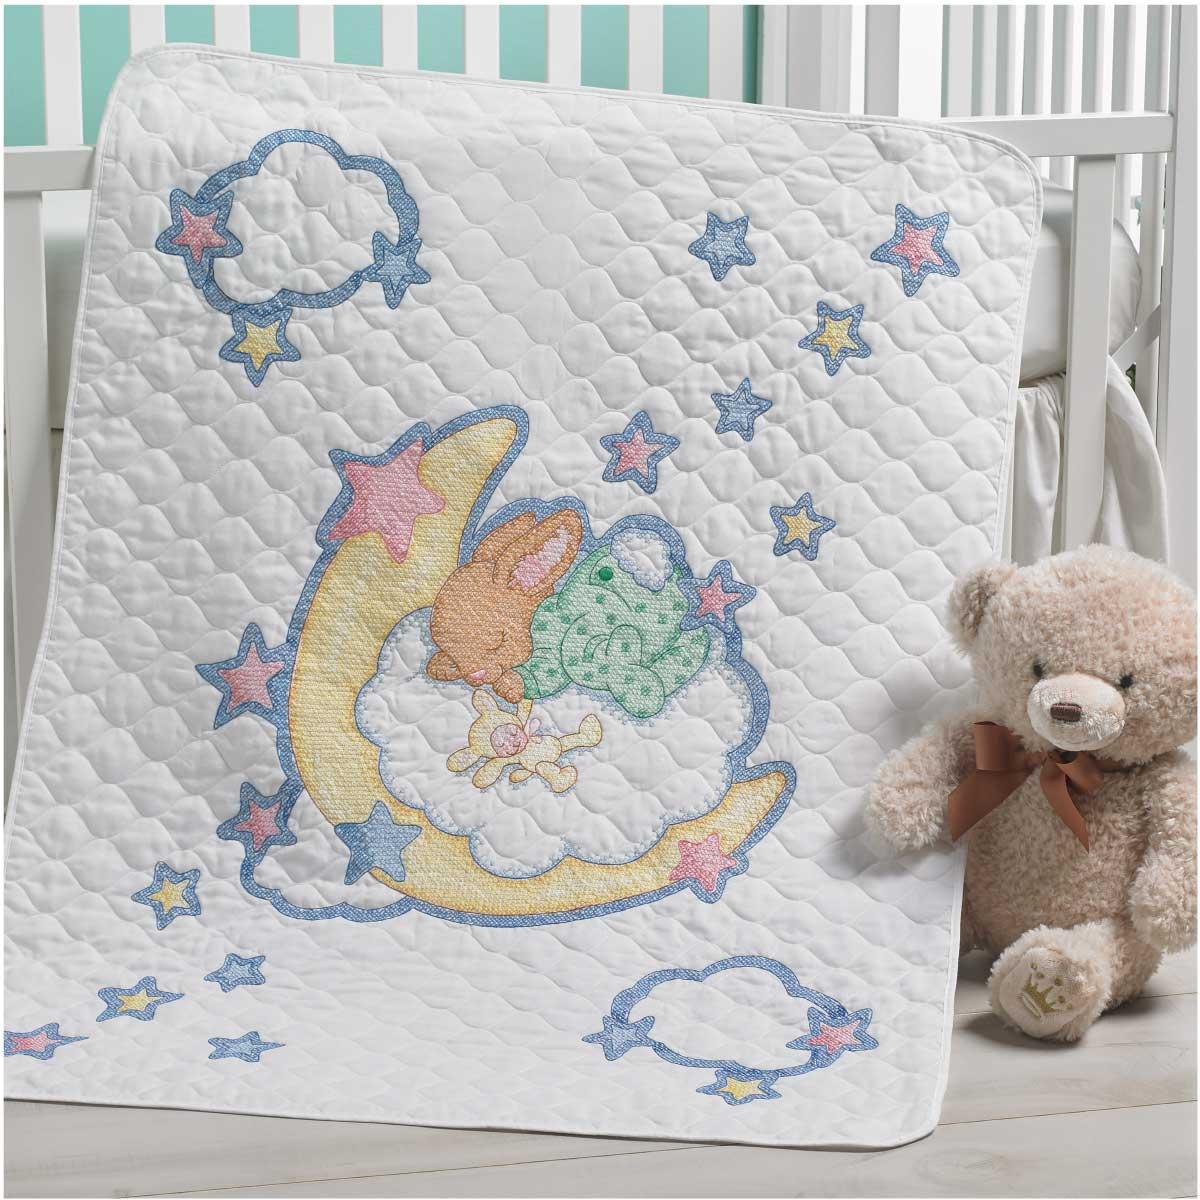 Bucilla ® Baby - Stamped Cross Stitch - Crib Ensembles - Hallmark - Born to Dream - Crib Cover